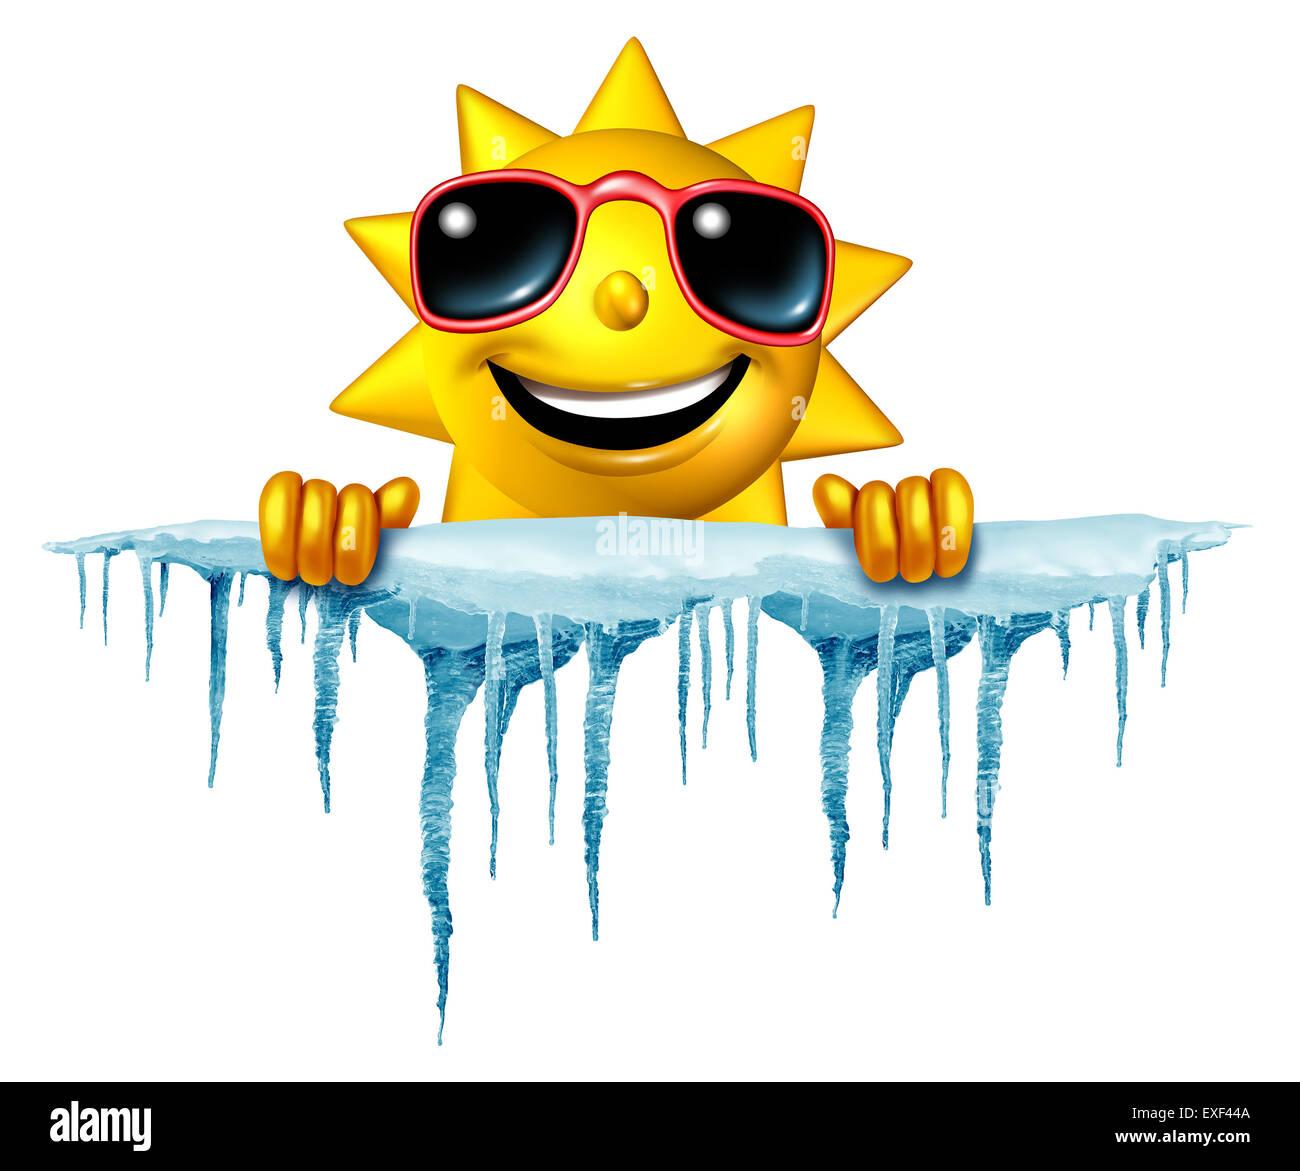 Sommer abkühlen Konzept und Idee als ein Sonnensymbol Charakter festhalten an einen Klumpen aus Schnee und Stockbild